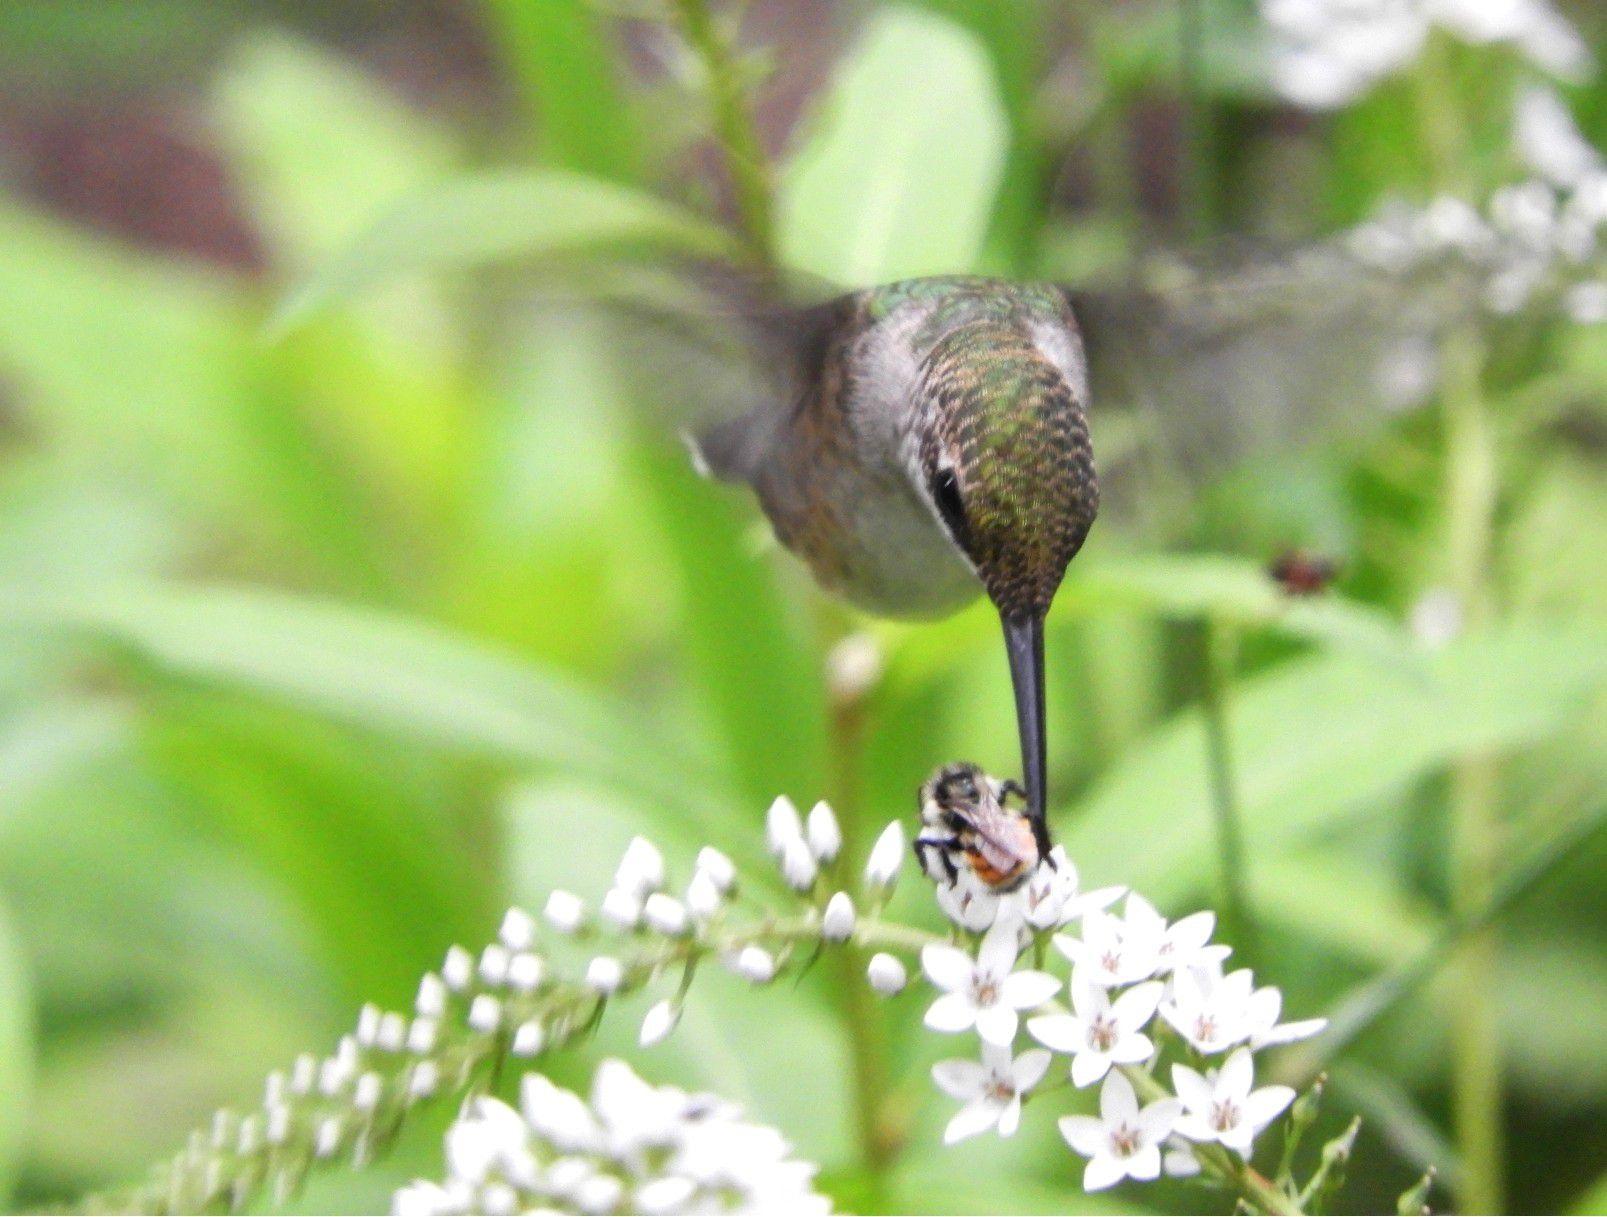 07-09-2021 Colibrí y abeja compartiendo flores. POLITICA INVESTIGACIÓN Y TECNOLOGÍA DAVID RANKIN/UCR